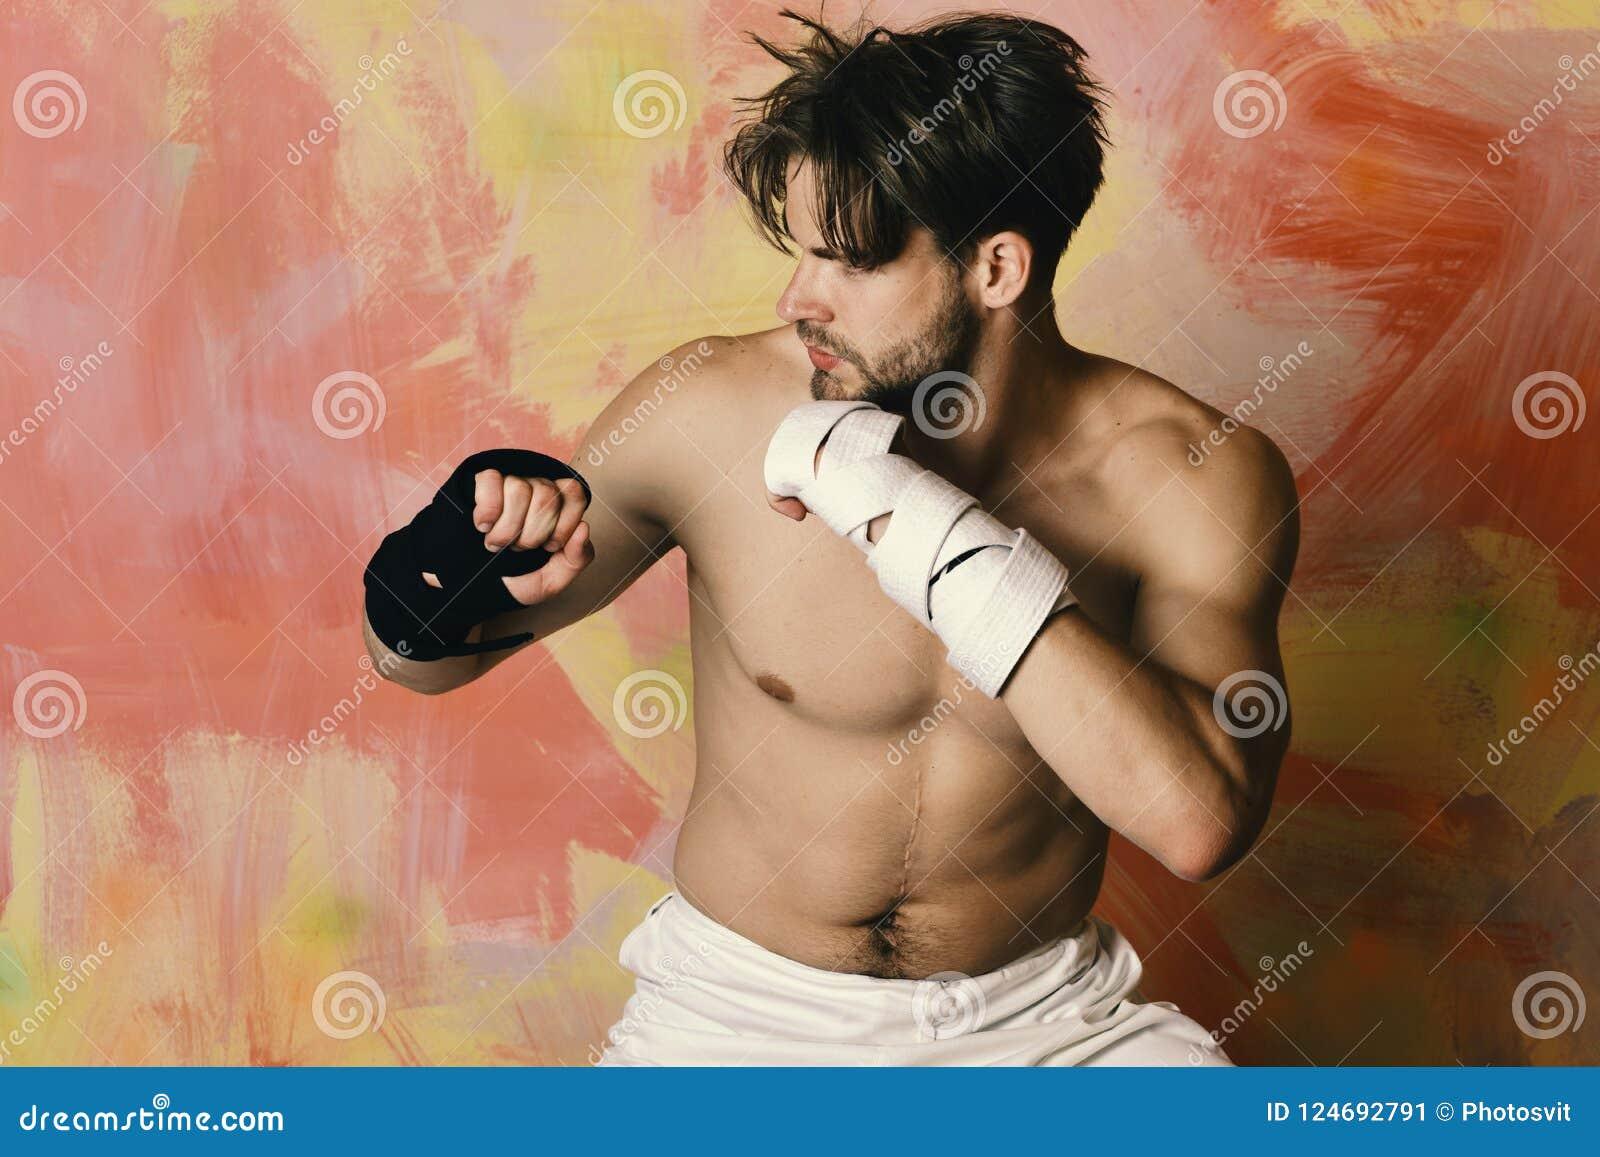 Nude man fight Nude Photos 41